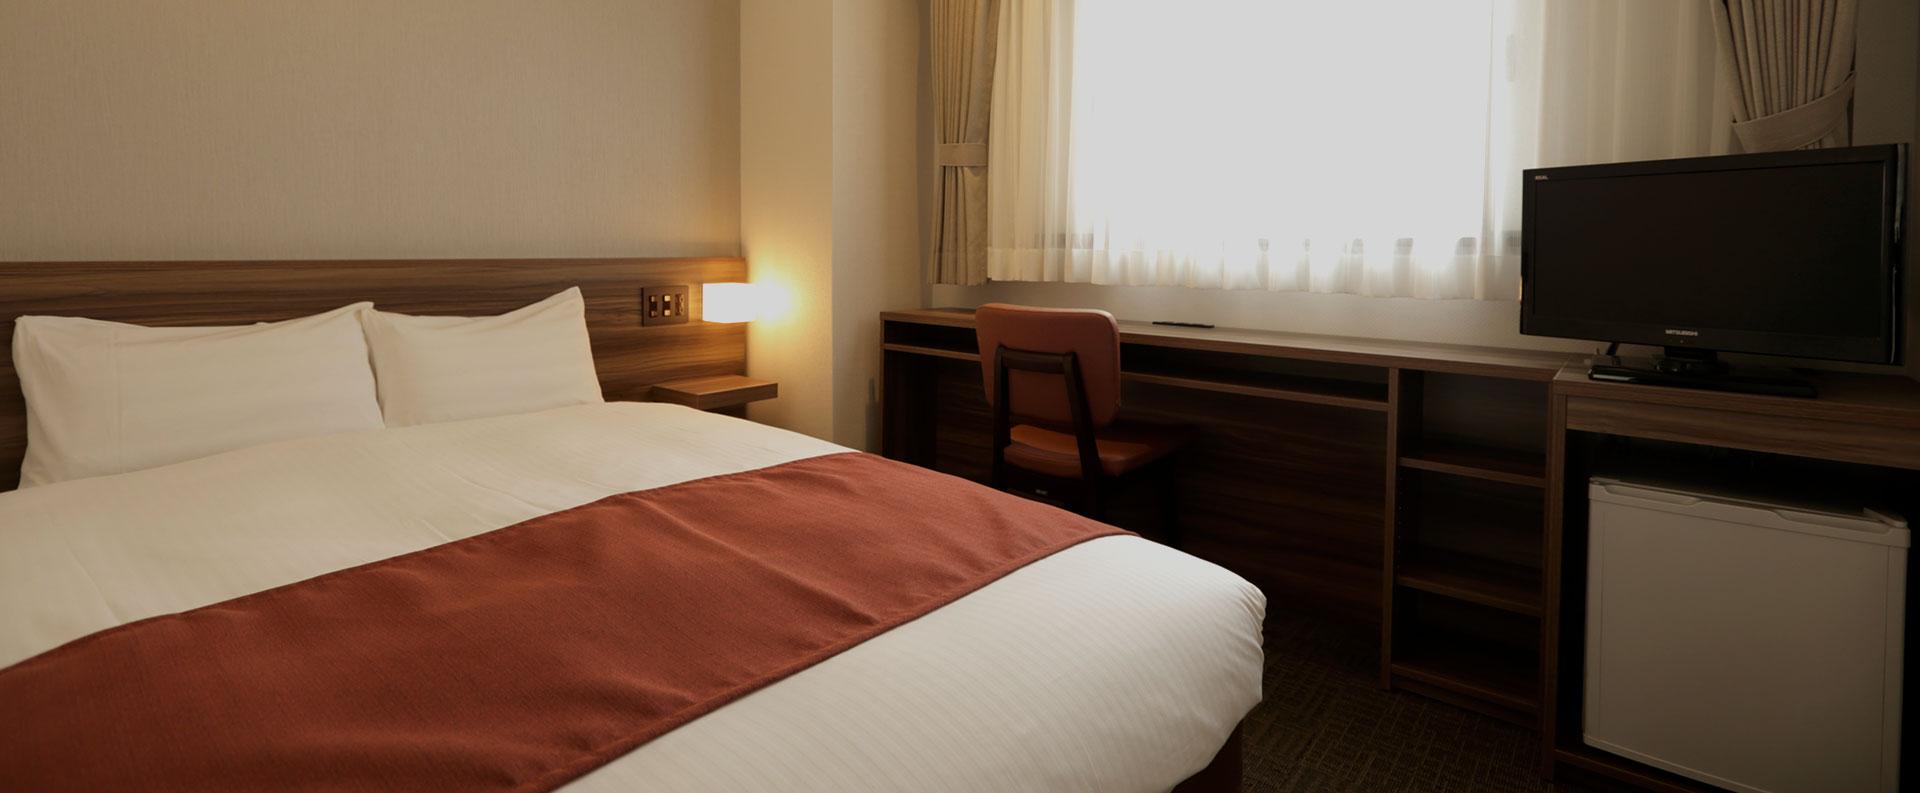 从都营浅草线的马入站出口到本酒店仅需10秒。欢迎在本酒店度过安逸、悠闲的夜晚。 Tokyo Inn